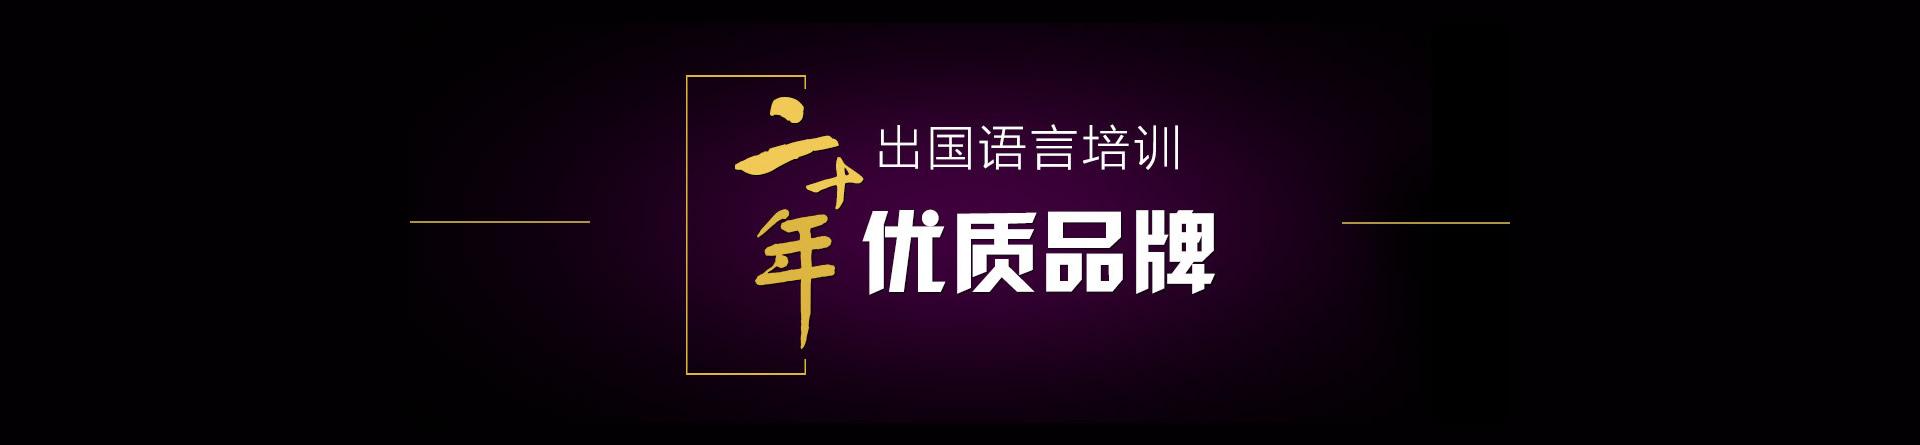 郑州新通外语